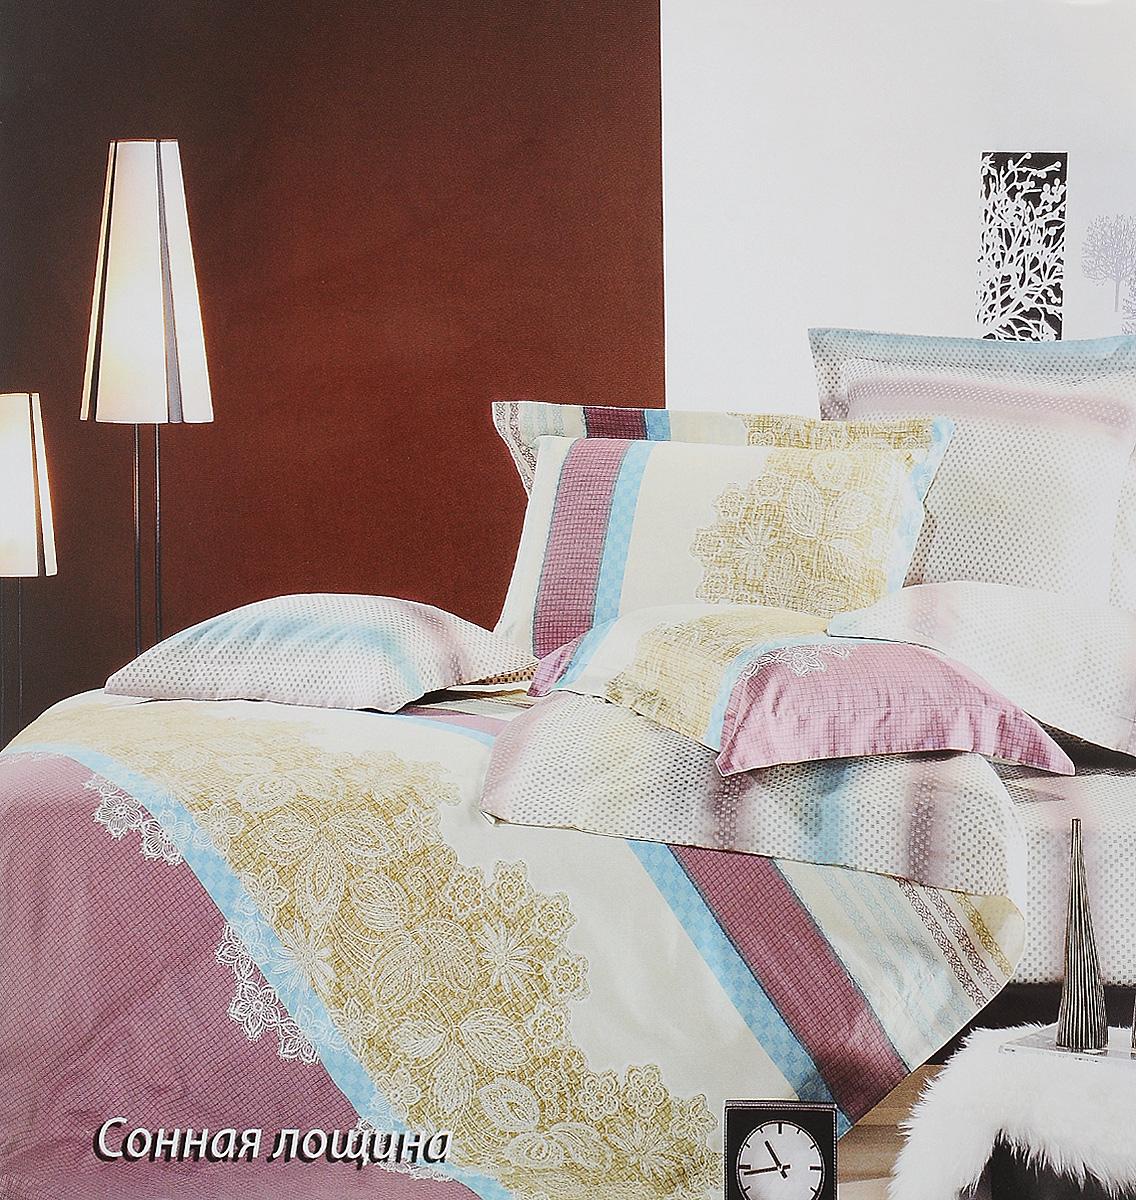 Комплект белья Tiffanys Secret Сонная лощина, евро, наволочки 50х70, цвет: бежевый, сиреневый, голубой2040816519Комплект постельного белья Tiffanys Secret Сонная лощина является экологически безопасным для всей семьи, так как выполнен из сатина (100% хлопок). Комплект состоит из пододеяльника, простыни и двух наволочек. Предметы комплекта оформлены оригинальным рисунком. Благодаря такому комплекту постельного белья вы сможете создать атмосферу уюта и комфорта в вашей спальне. Сатин - это ткань, навсегда покорившая сердца человечества. Ценившие роскошь персы называли ее атлас, а искушенные в прекрасном французы - сатин. Секрет высококачественного сатина в безупречности всего технологического процесса. Эту благородную ткань делают только из отборной натуральной пряжи, которую получают из самого лучшего тонковолокнистого хлопка. Благодаря использованию самой тонкой хлопковой нити получается необычайно мягкое и нежное полотно. Сатиновое постельное белье превращает жаркие летние ночи в прохладные и освежающие, а холодные зимние - в теплые и согревающие. ...